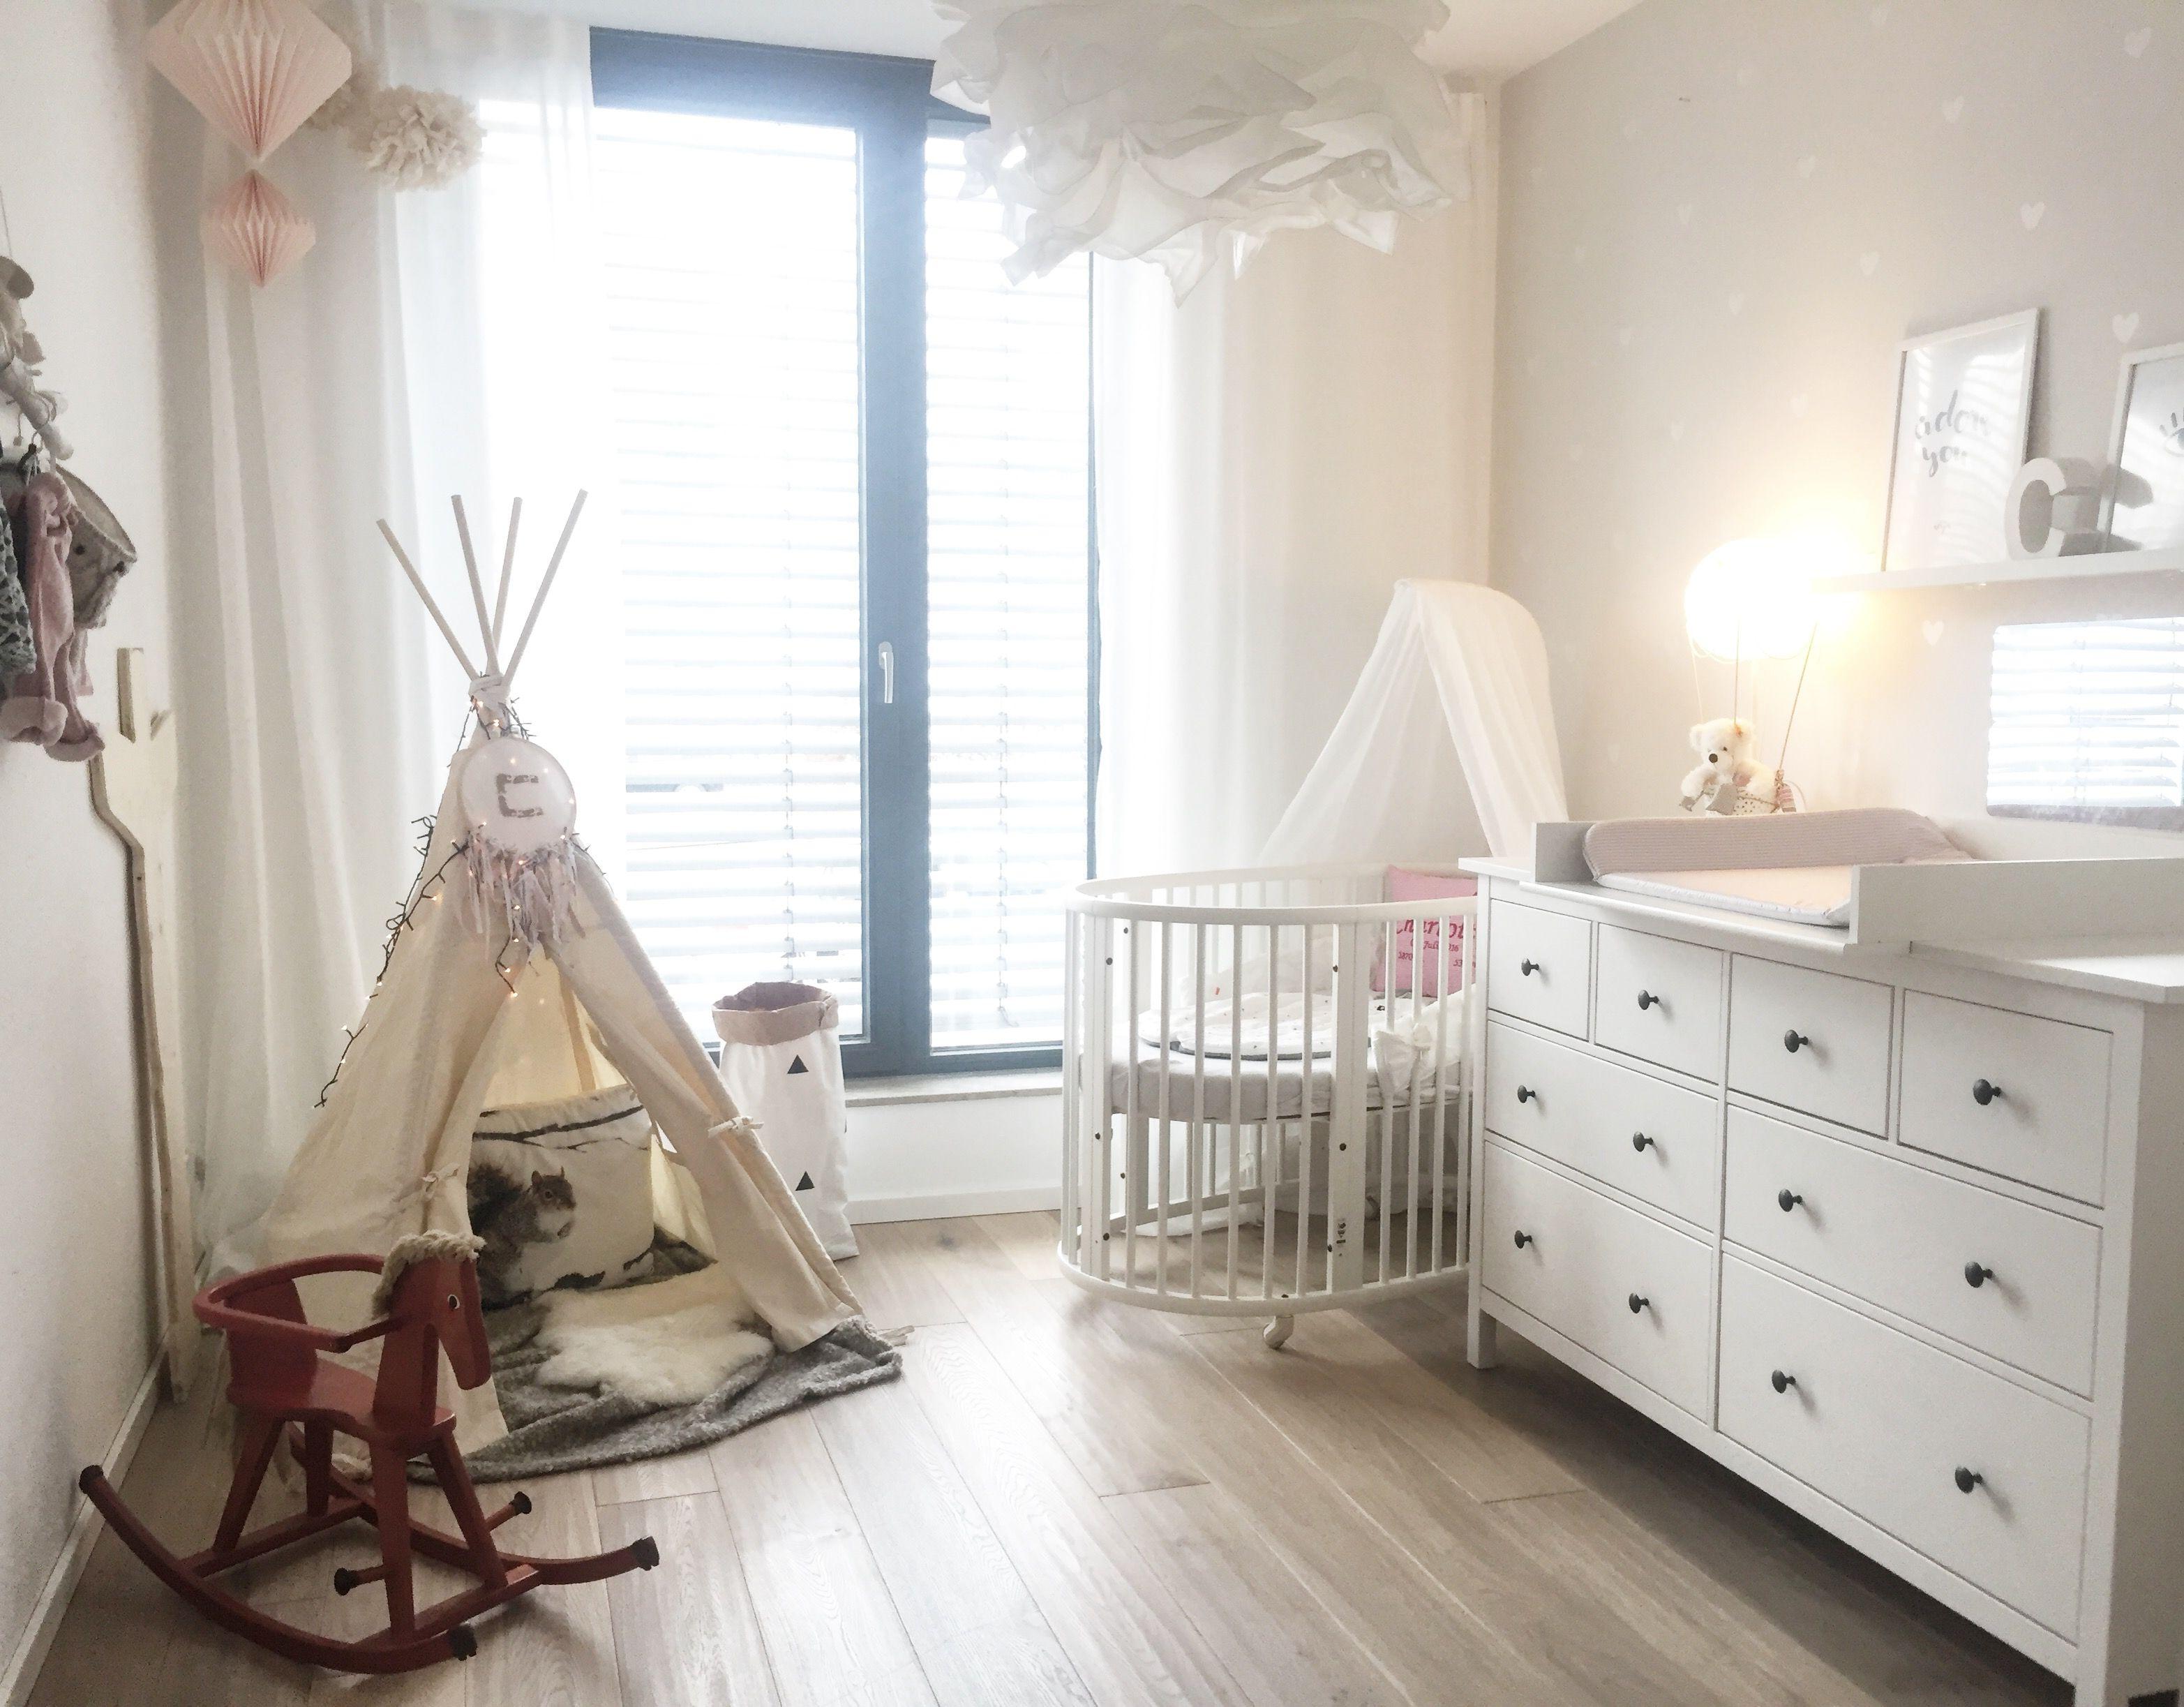 Kinderzimmer babyzimmer tipi indianer ikea hemnes - Baby jungenzimmer ...